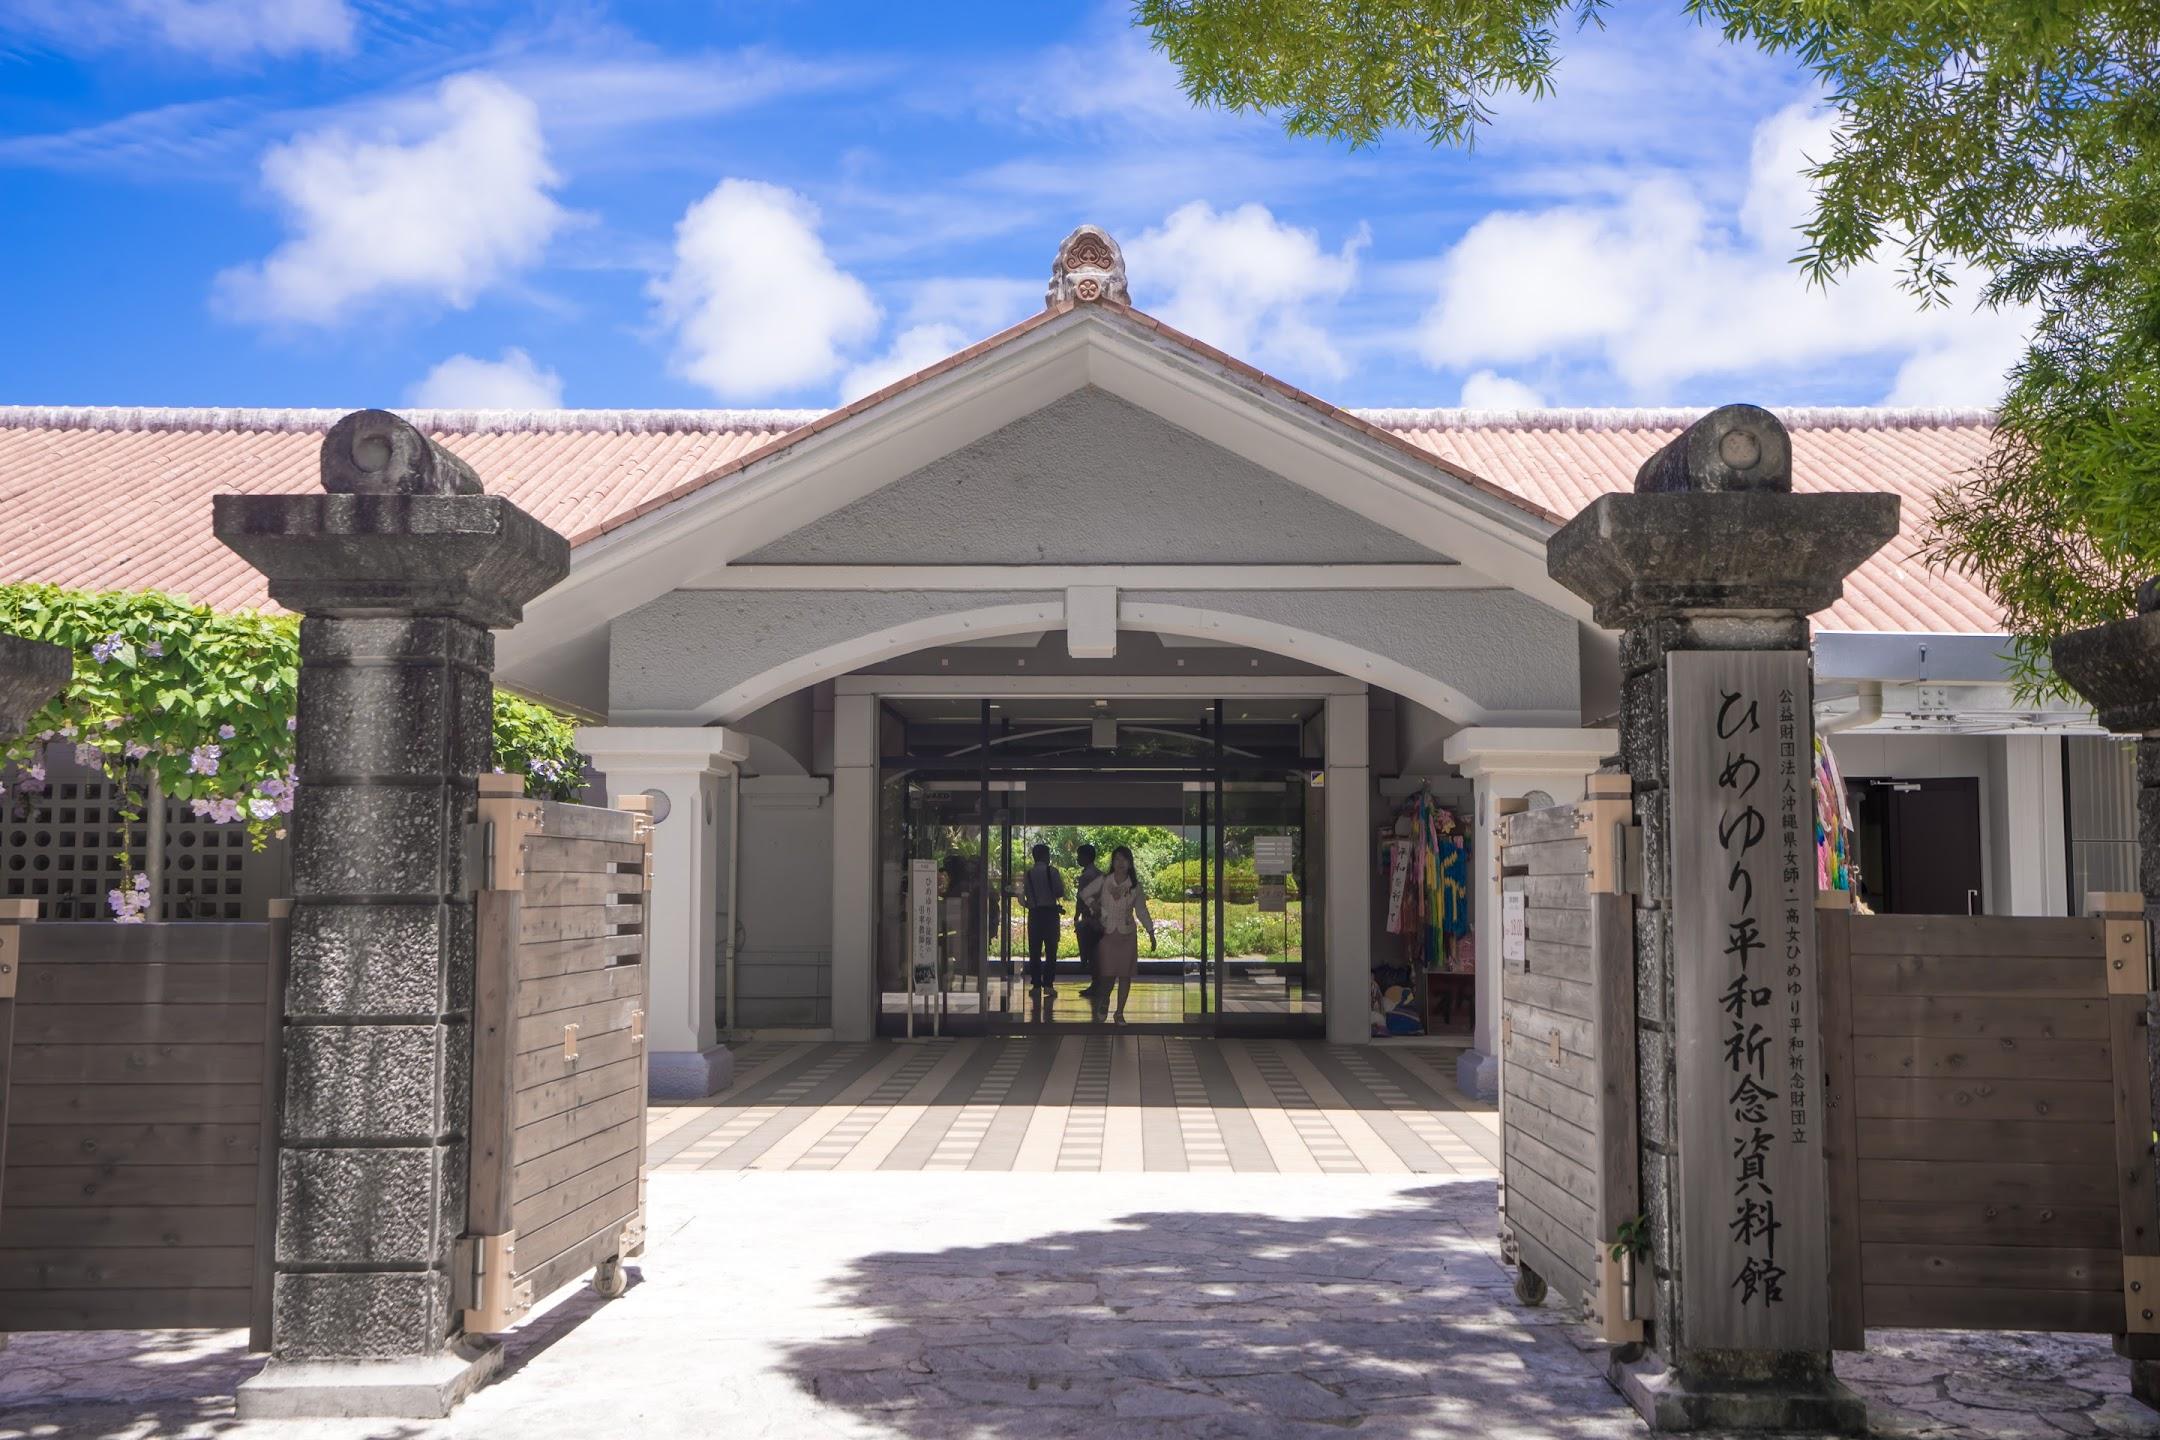 沖縄 ひめゆり平和祈念資料館1